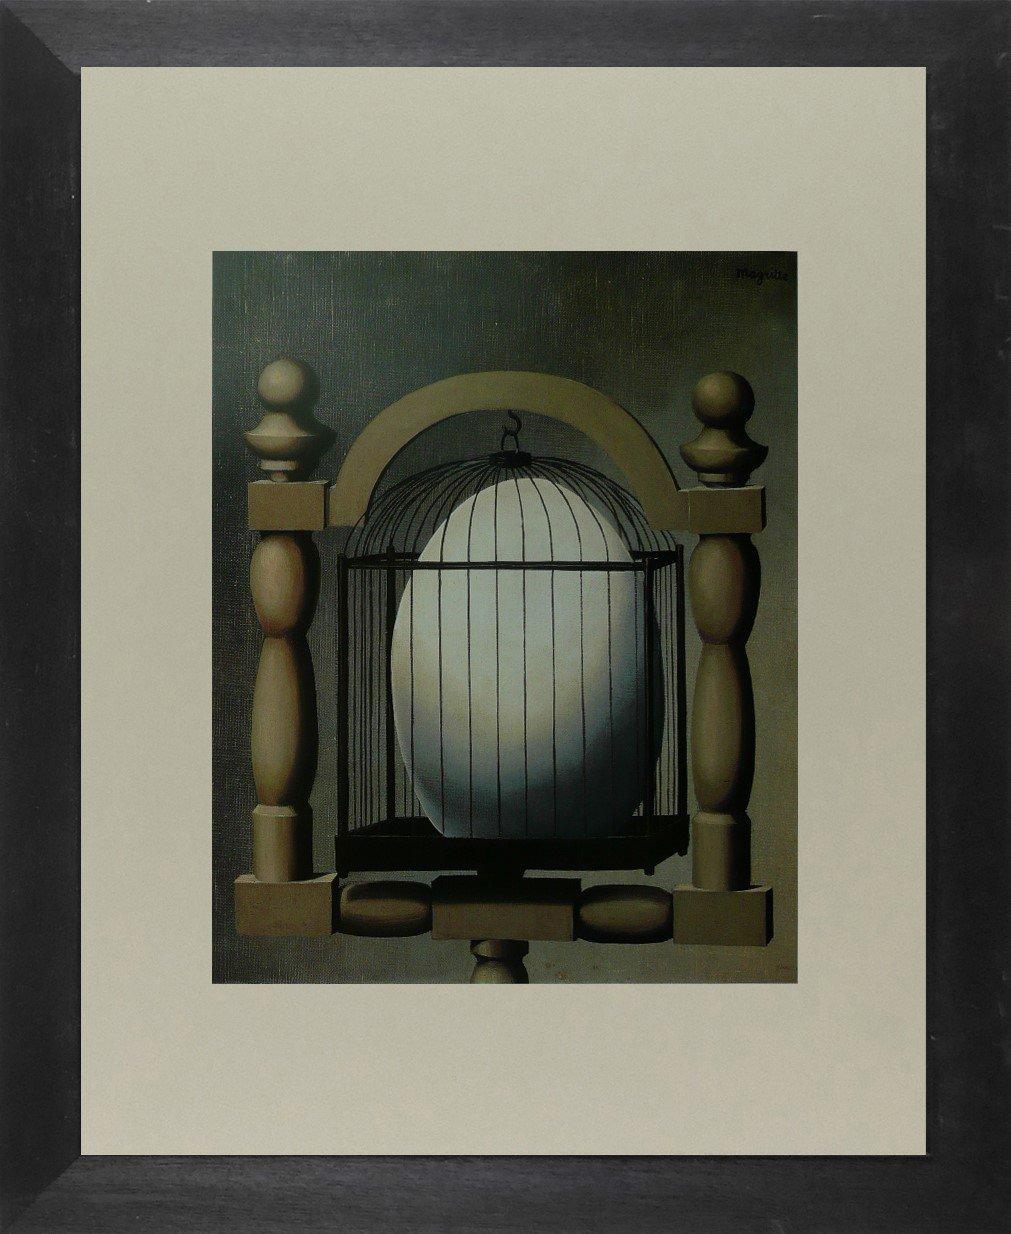 """Résultat de recherche d'images pour """"oeuf en cage magritte"""""""